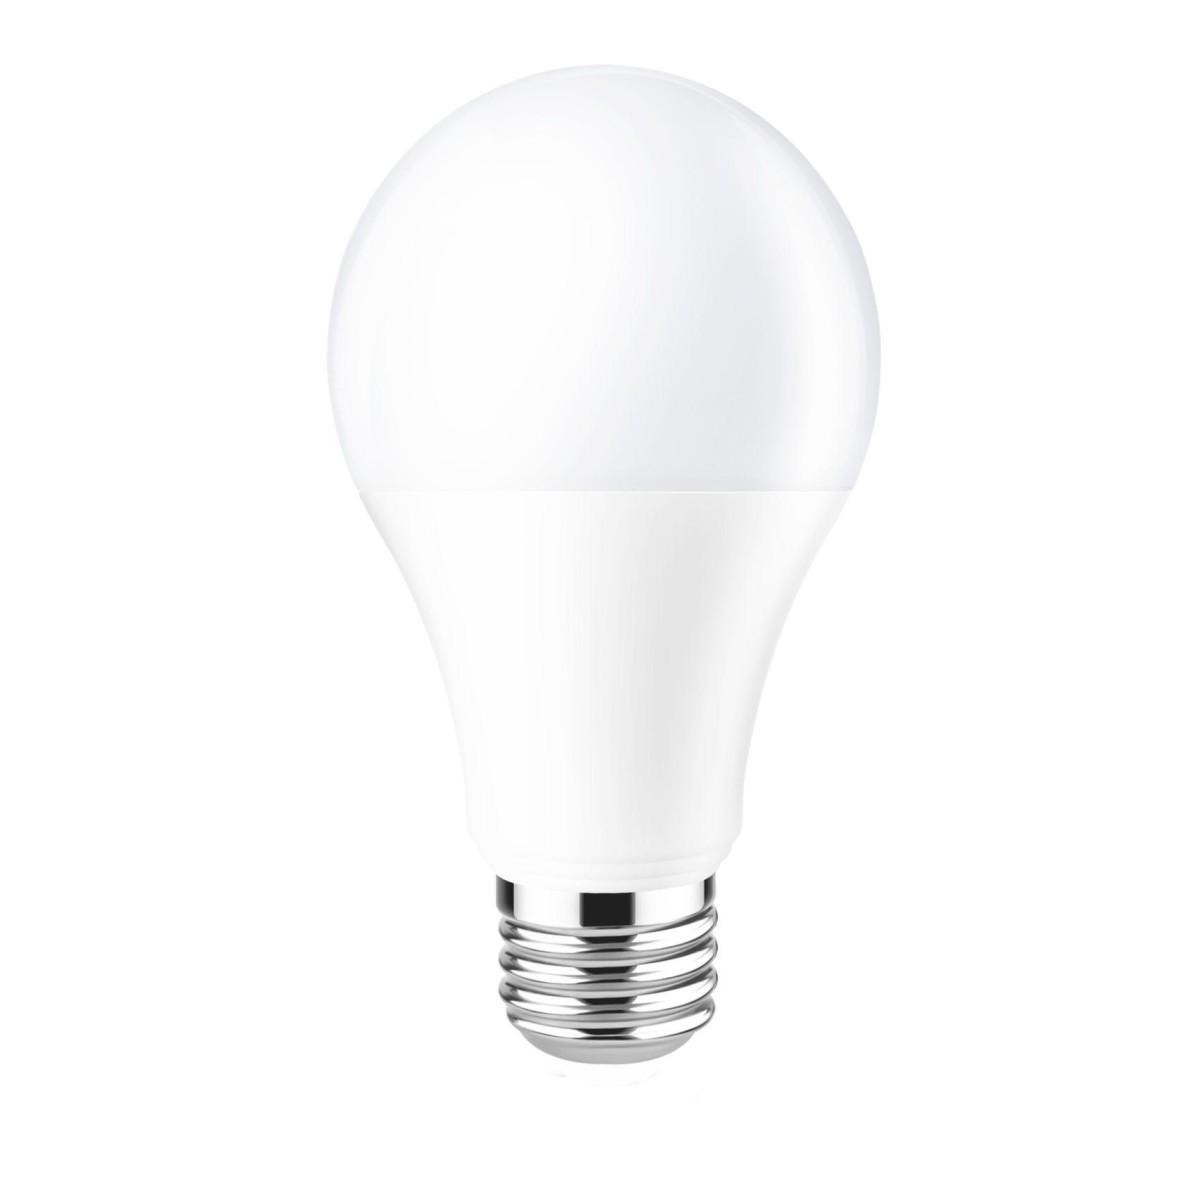 Лампа Ecola light светодионая E27 9.20 Вт груша 580 Лм нейтральный свет